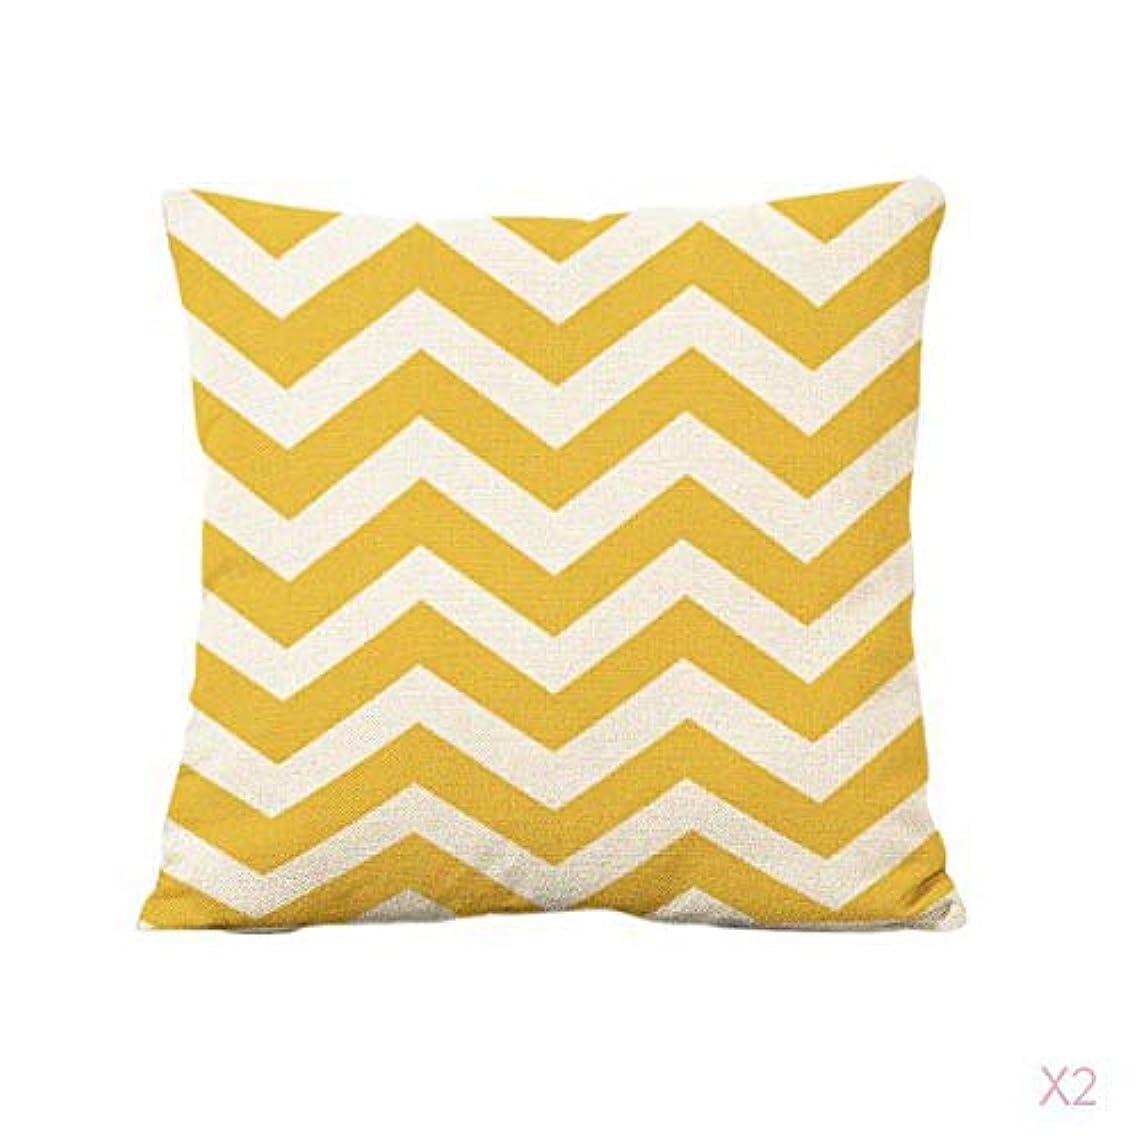 敵レンディション純粋な黄色のホームオフィスのソファの装飾波ストライプリネン枕カバークッションカバー